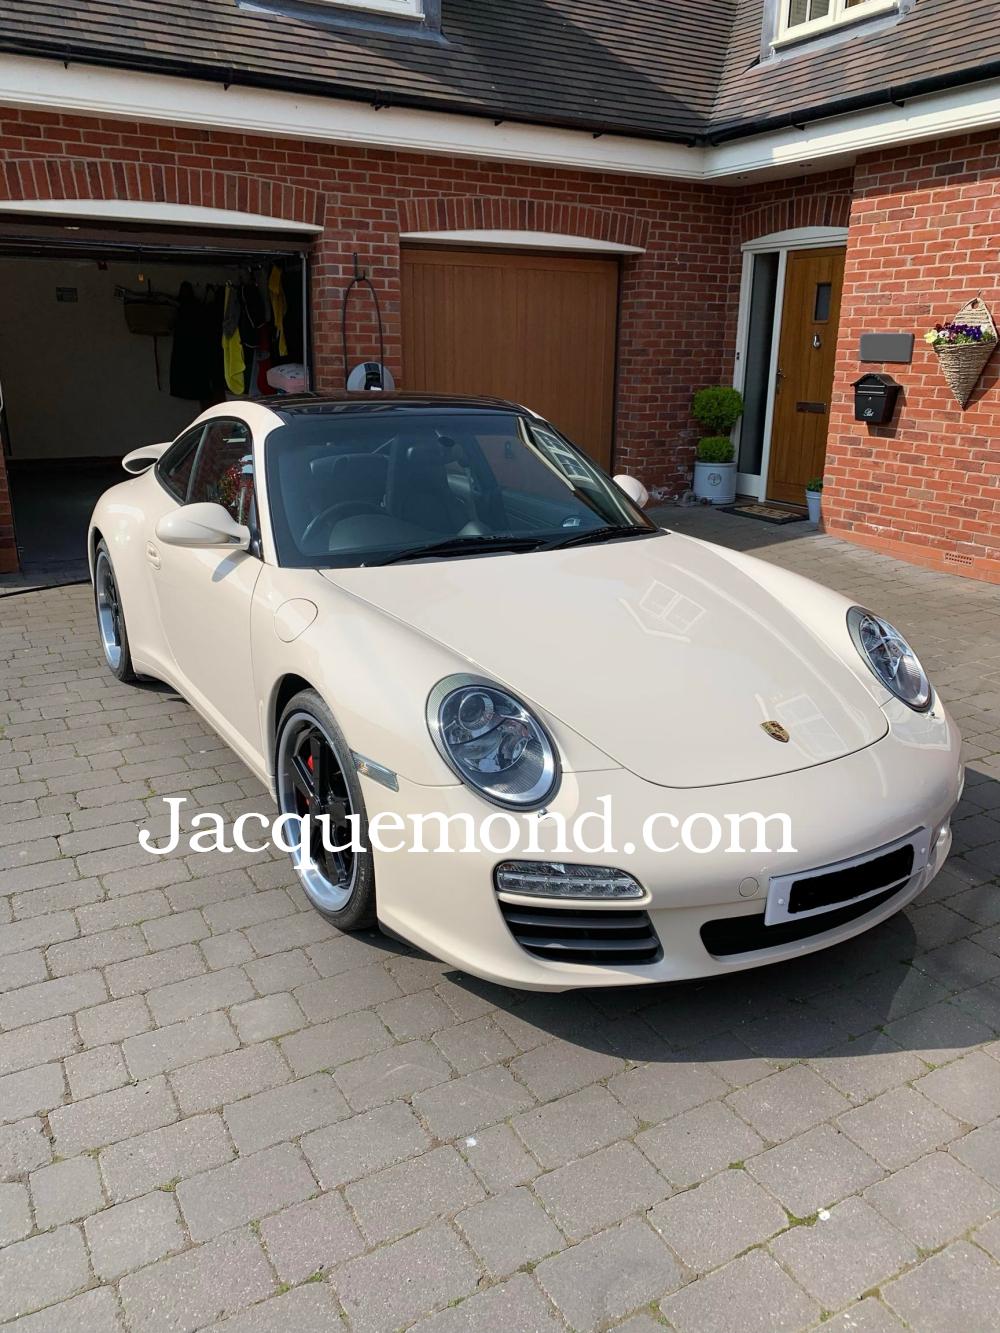 Aileron Darus pour Porsche 997 par Jacquemond.